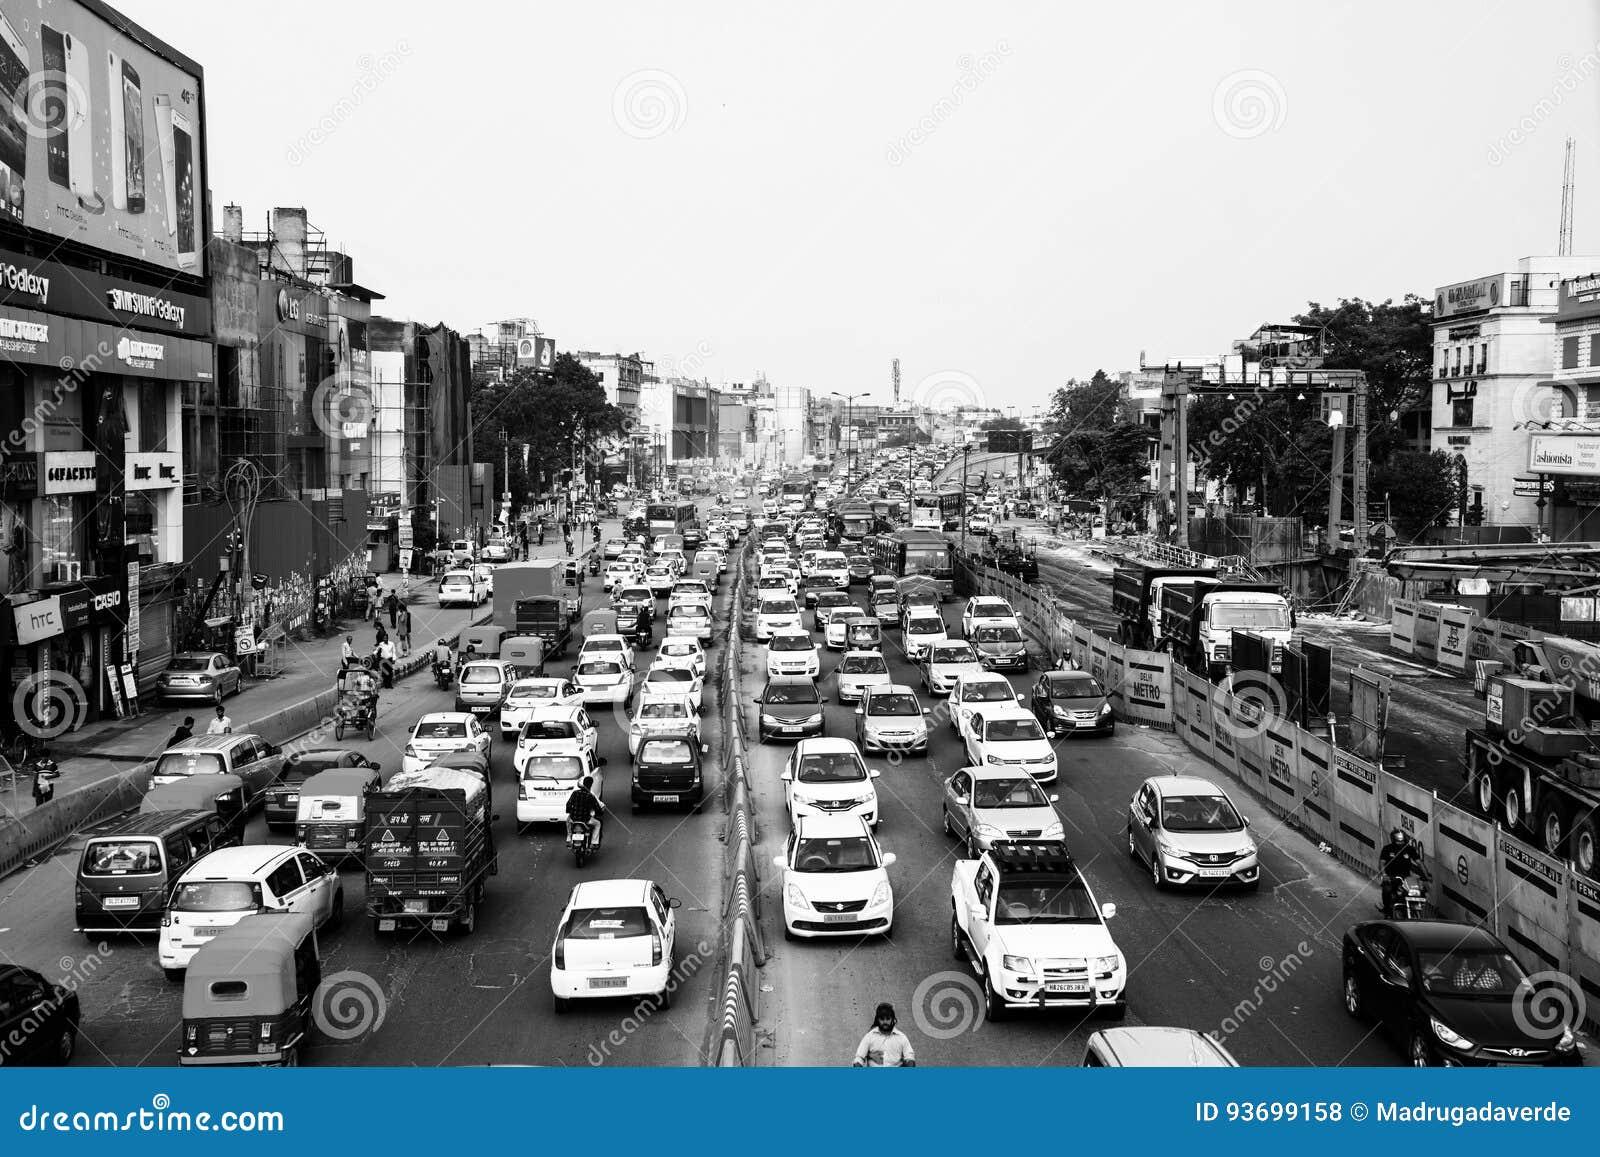 Βαριά κυκλοφορία αυτοκινήτων στο κέντρο πόλεων του Δελχί, Ινδία